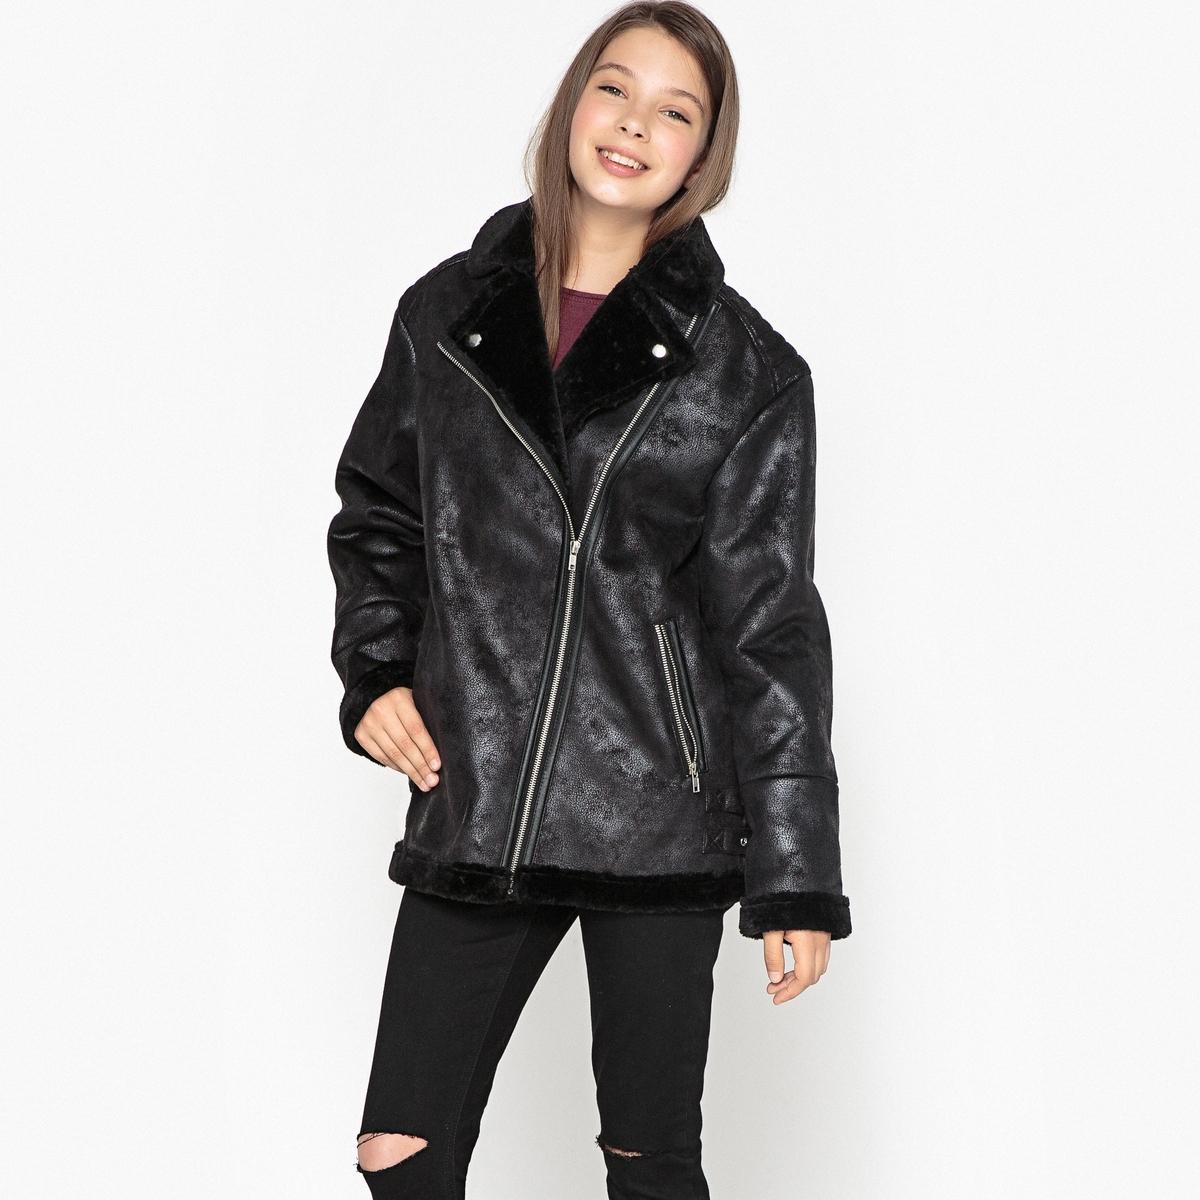 Куртка в стиле пилотной оверсайз, 10-16 лет